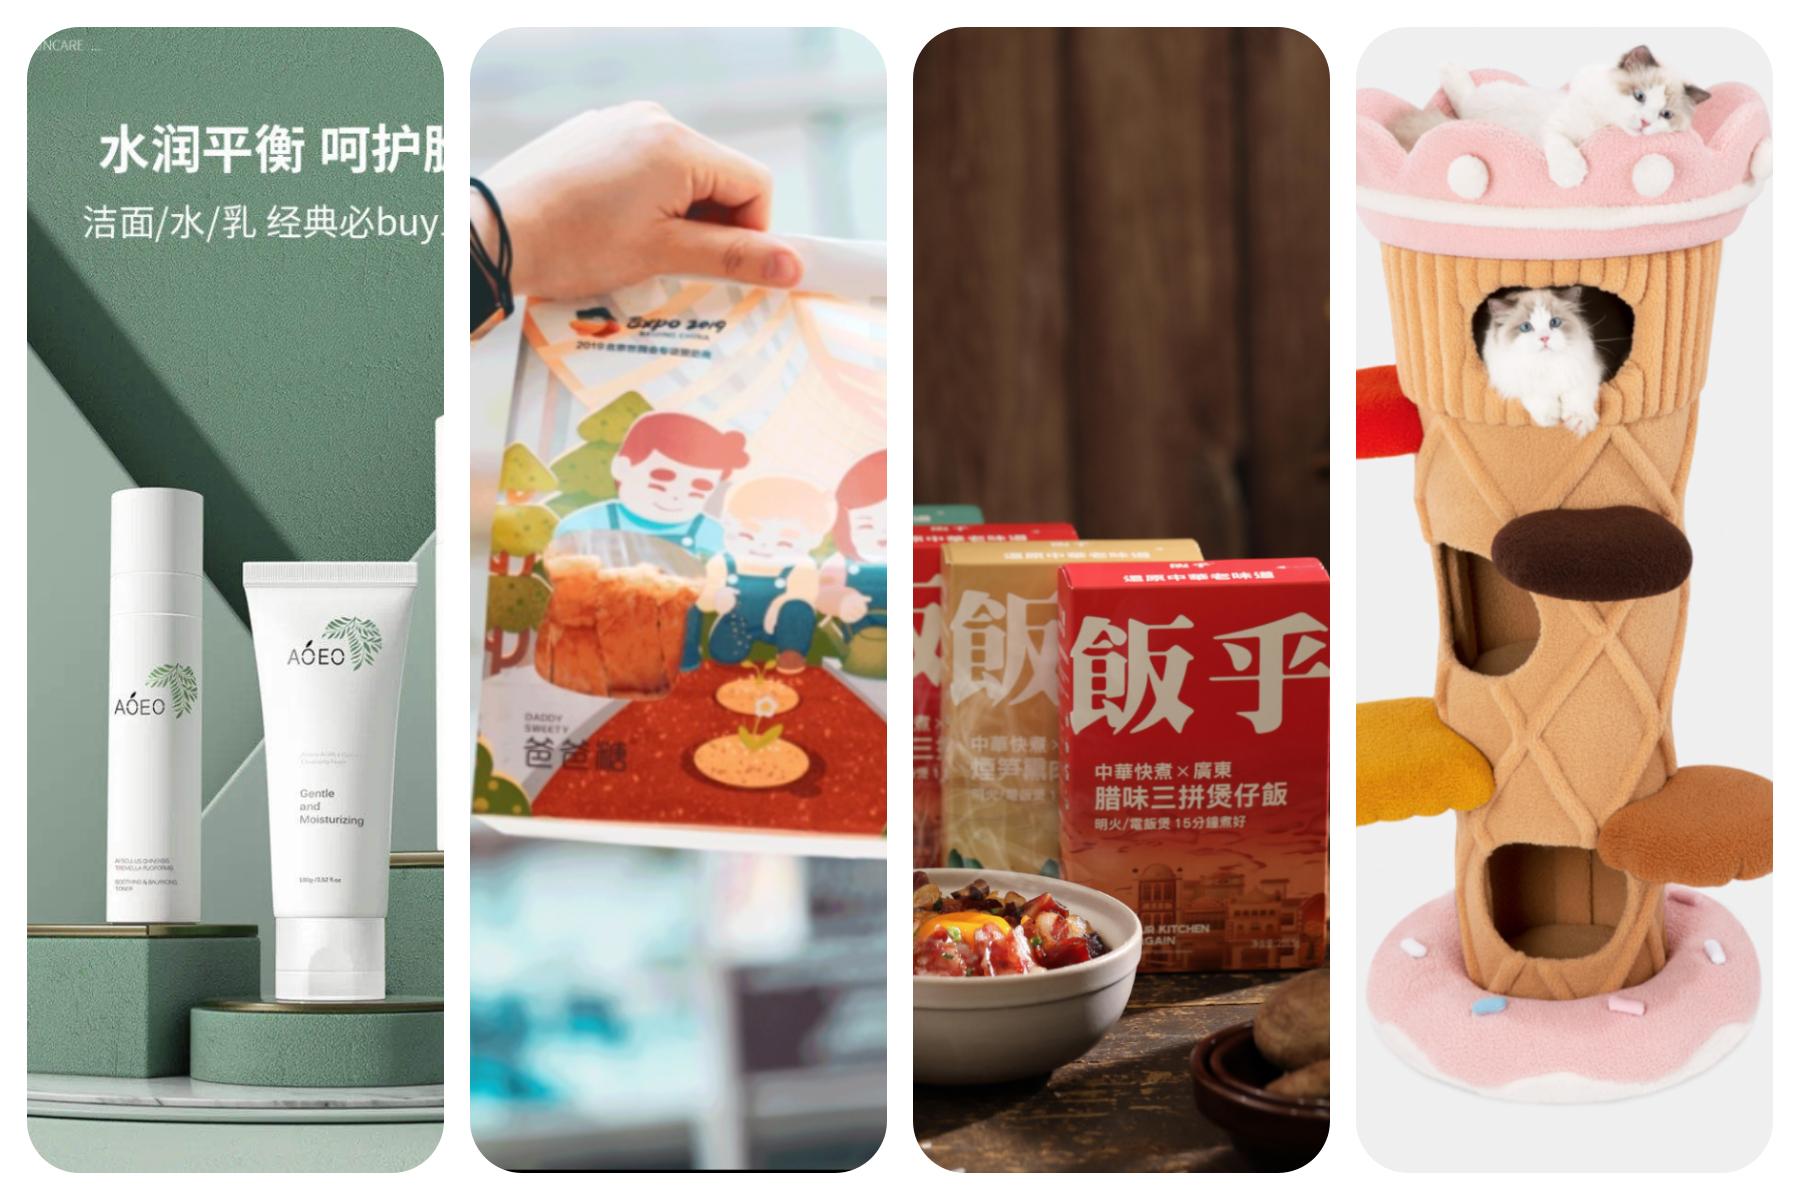 【华丽中国投资周报】2021年第22期:9家中国时尚消费企业完成新一轮融资